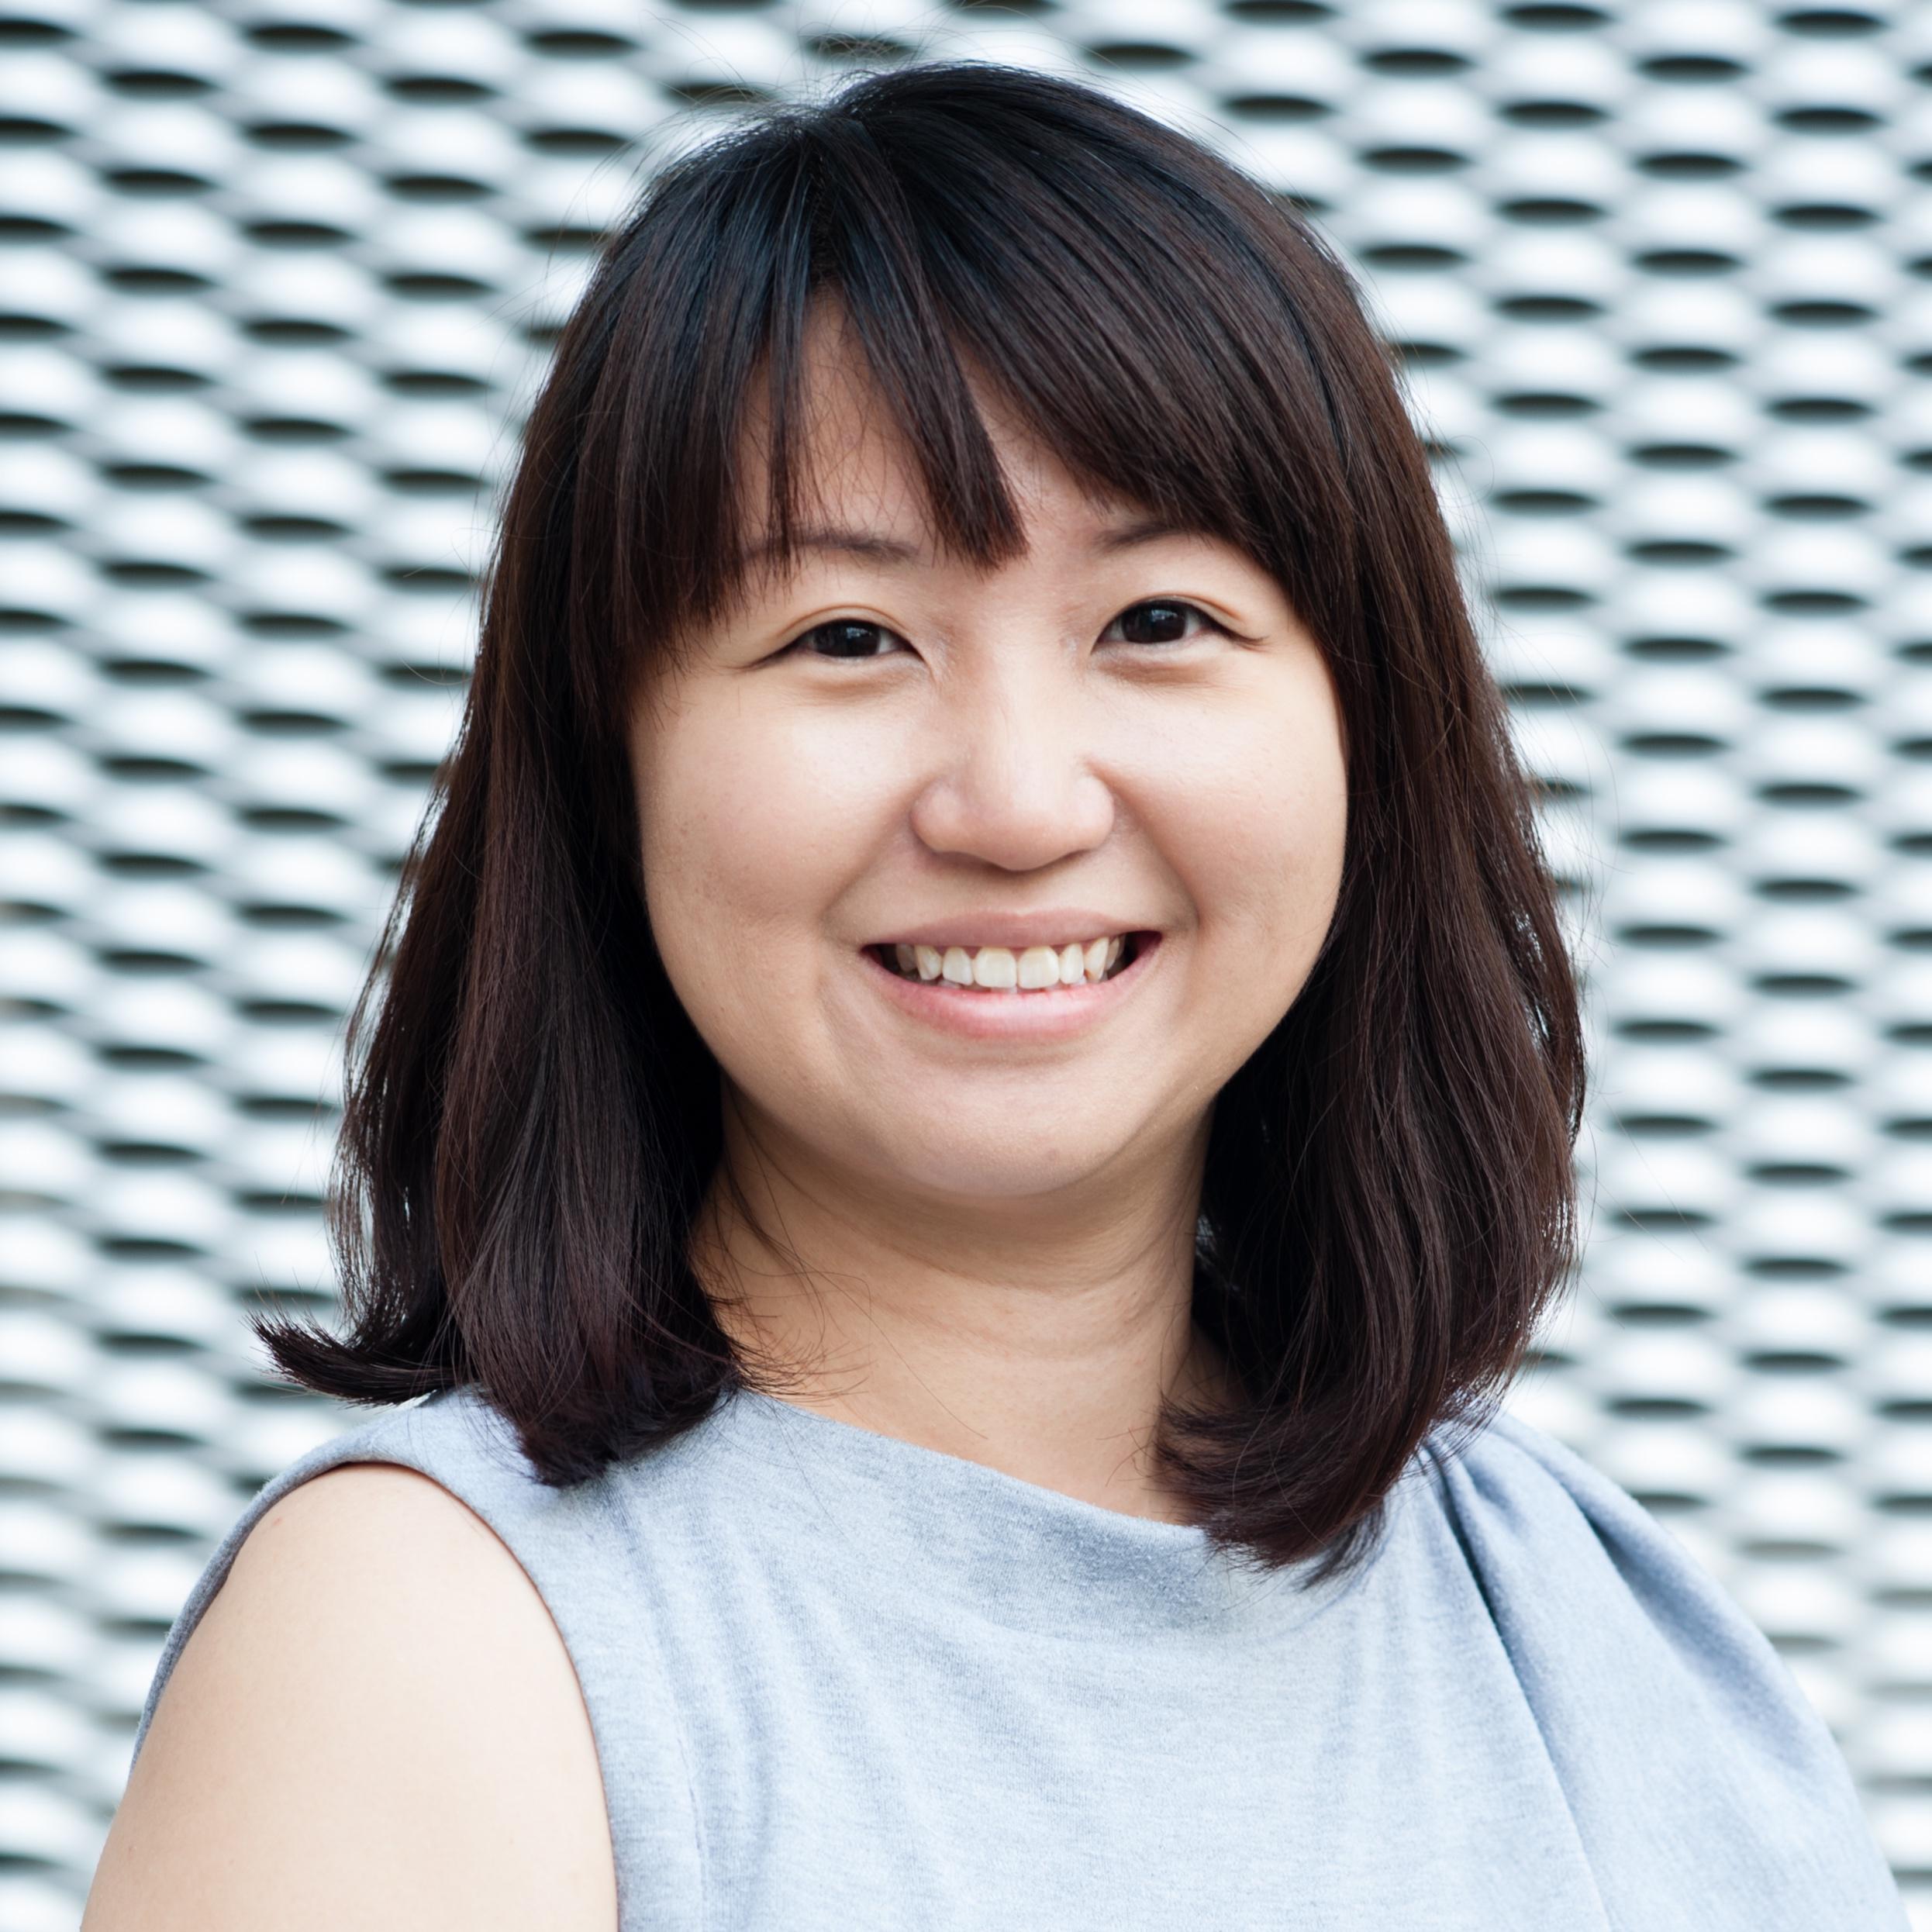 Debbie Ng   PhD Student  debbie.ng@thinkplace.com.sg